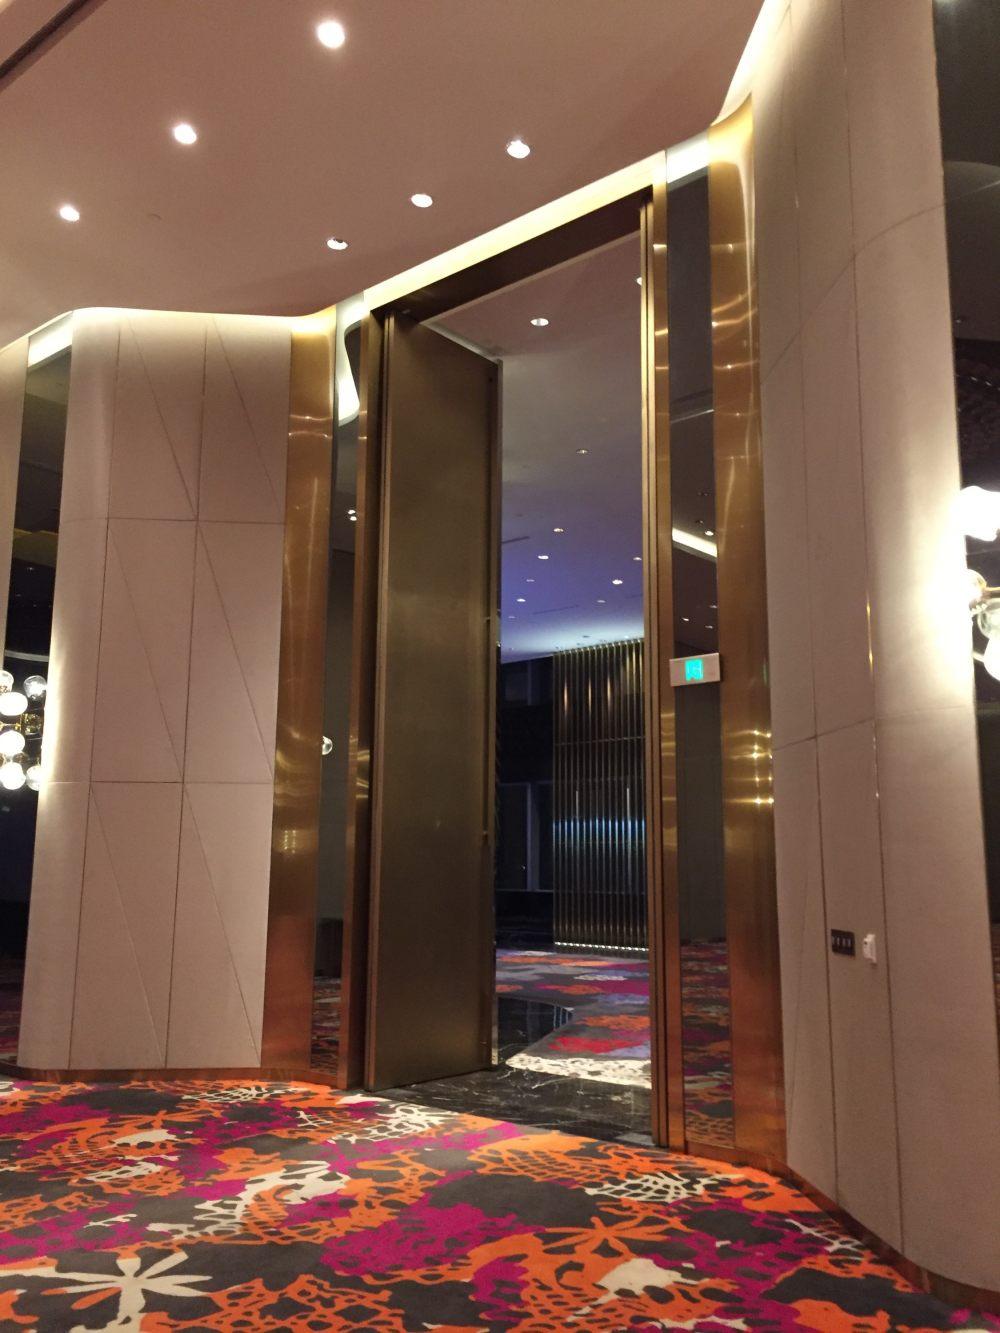 上海外滩W酒店,史上最全入住体验 自拍分享,申请置...._IMG_6120.JPG